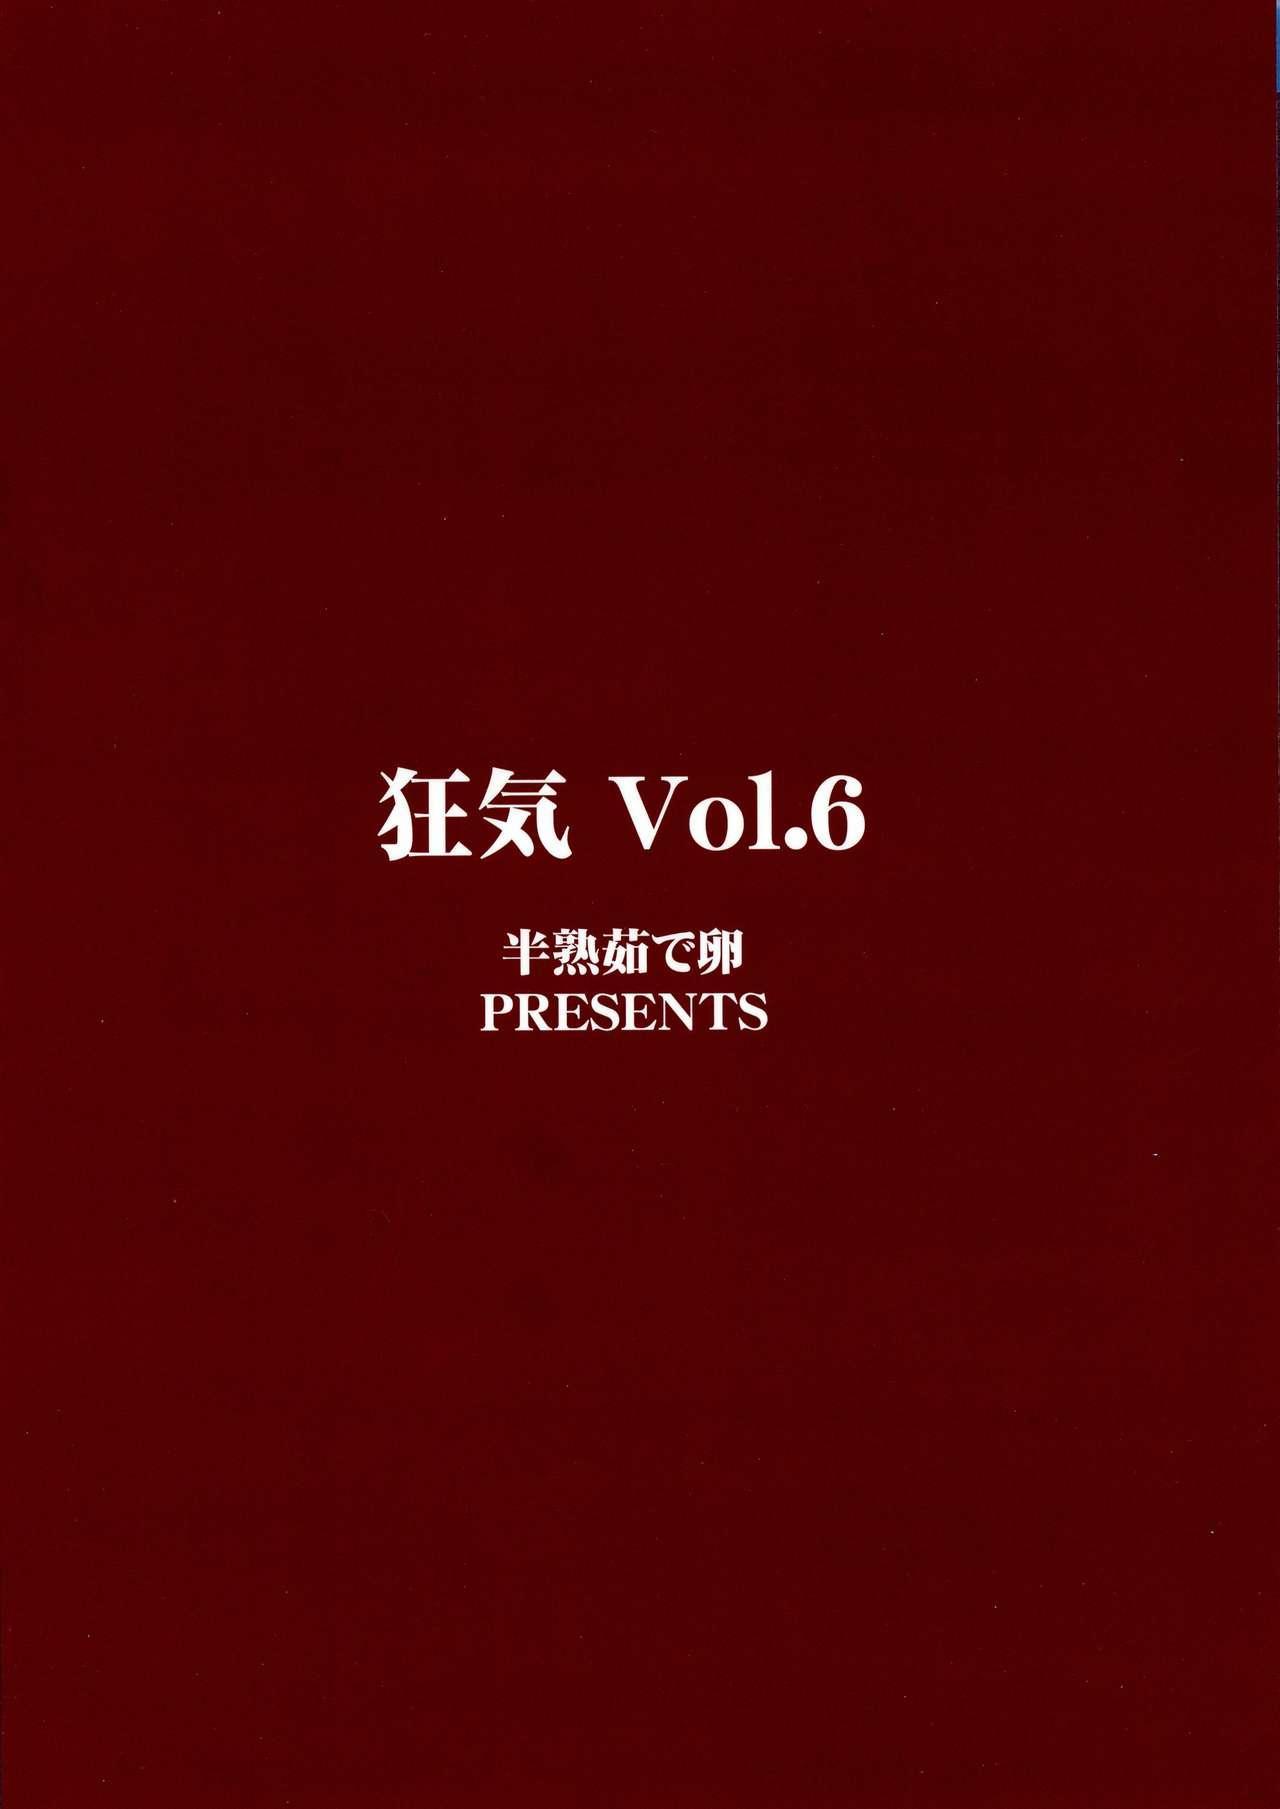 Kyouki Vol. 7 1